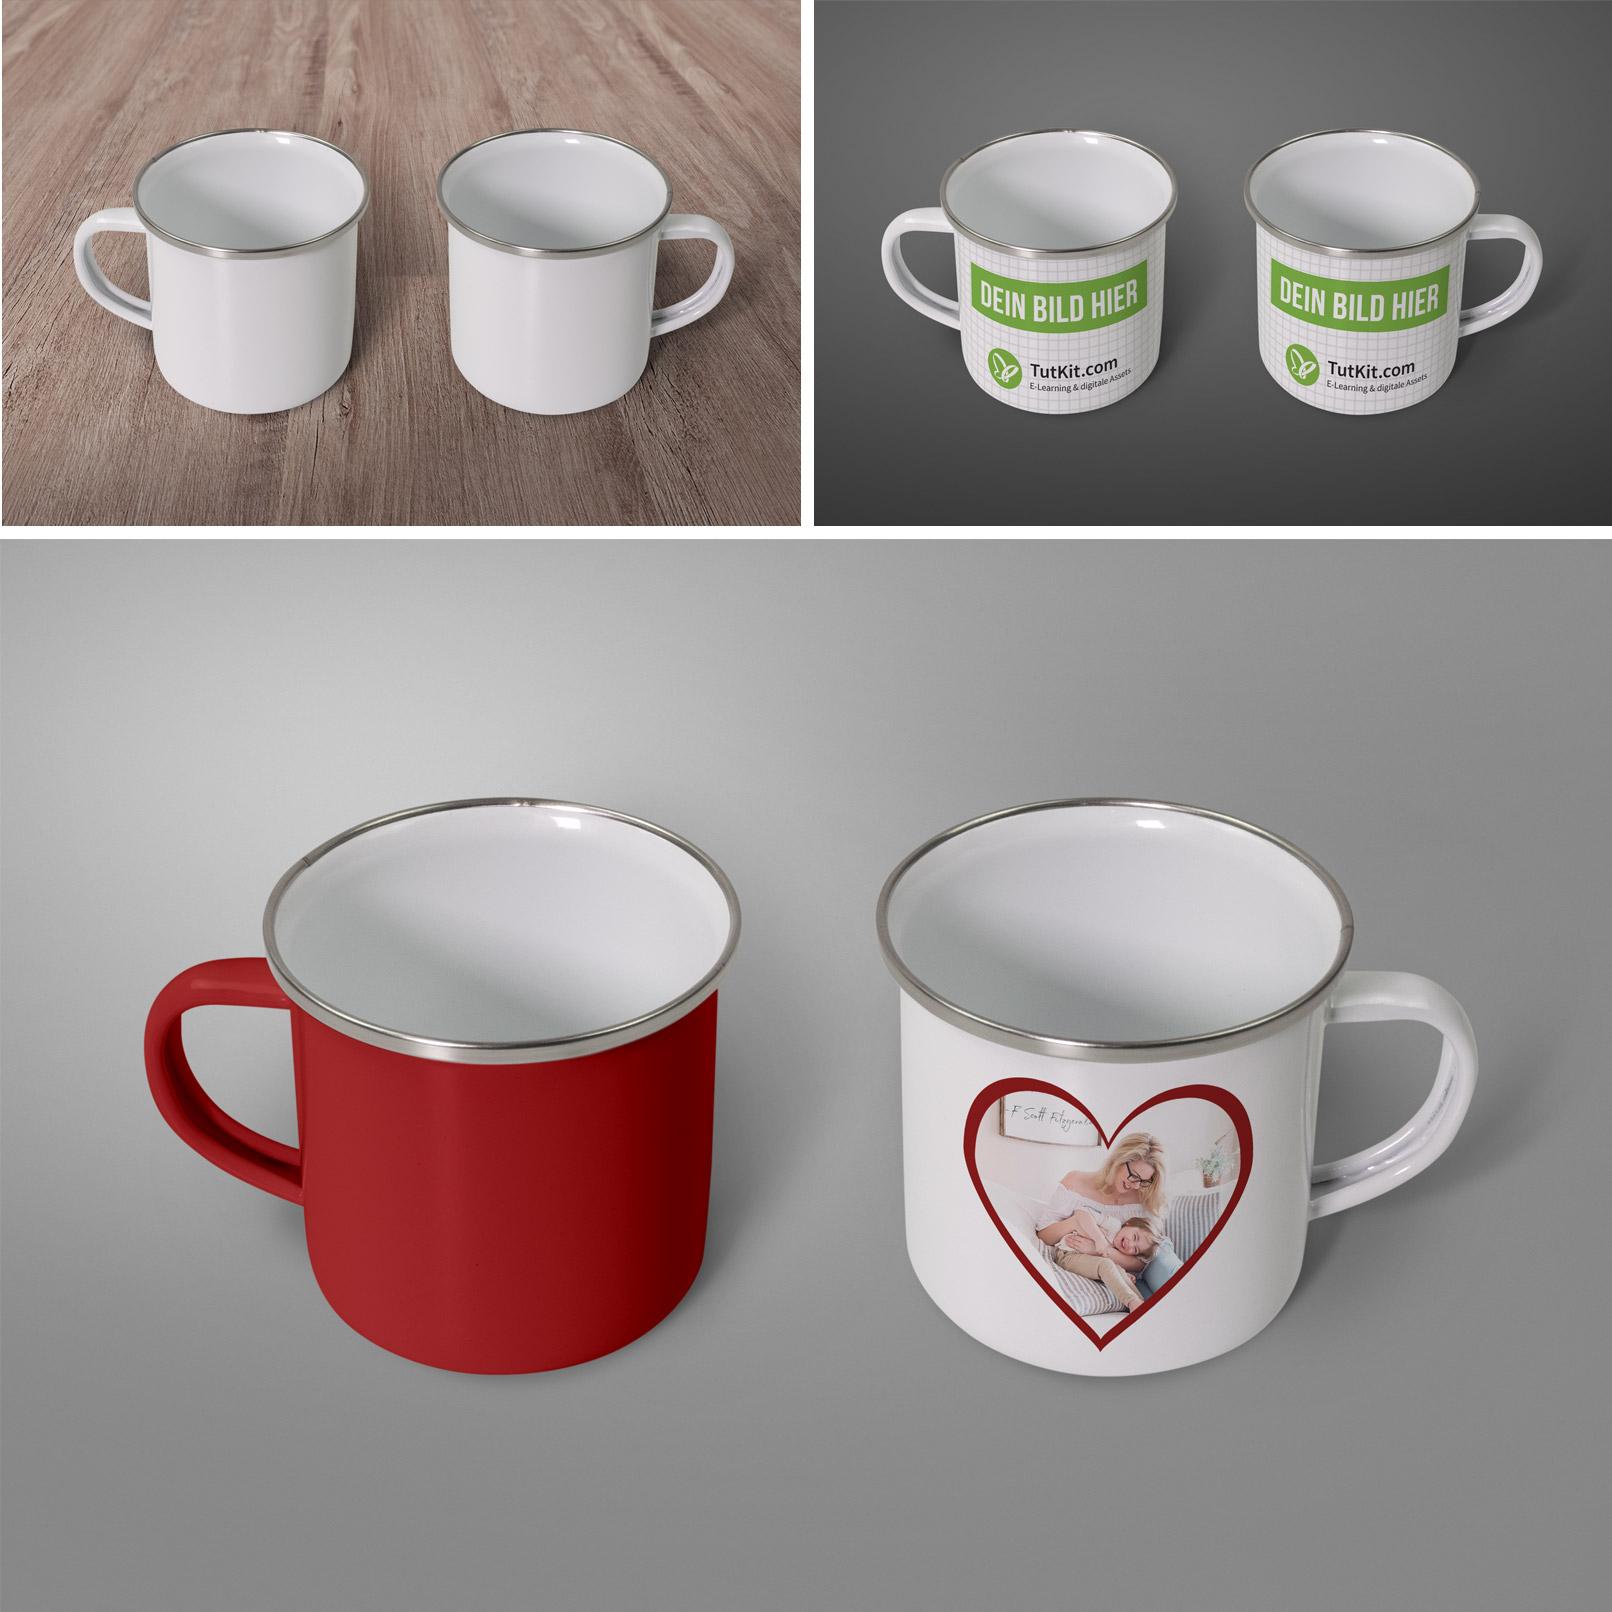 Mockups für Tassen zeigen den Photoshop-Workflow